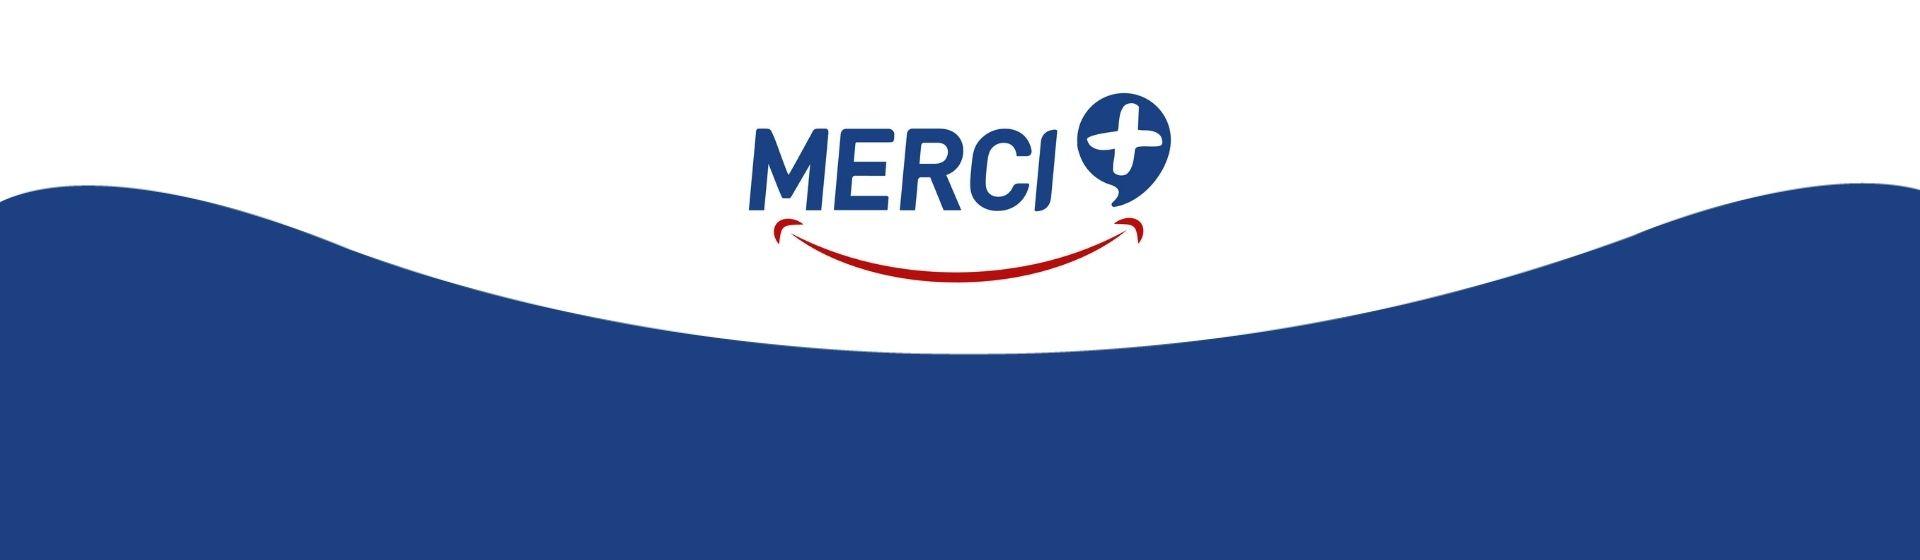 Franchise MERCI+ : la puissance d'un groupe leader des services aux particuliers [Vidéo]